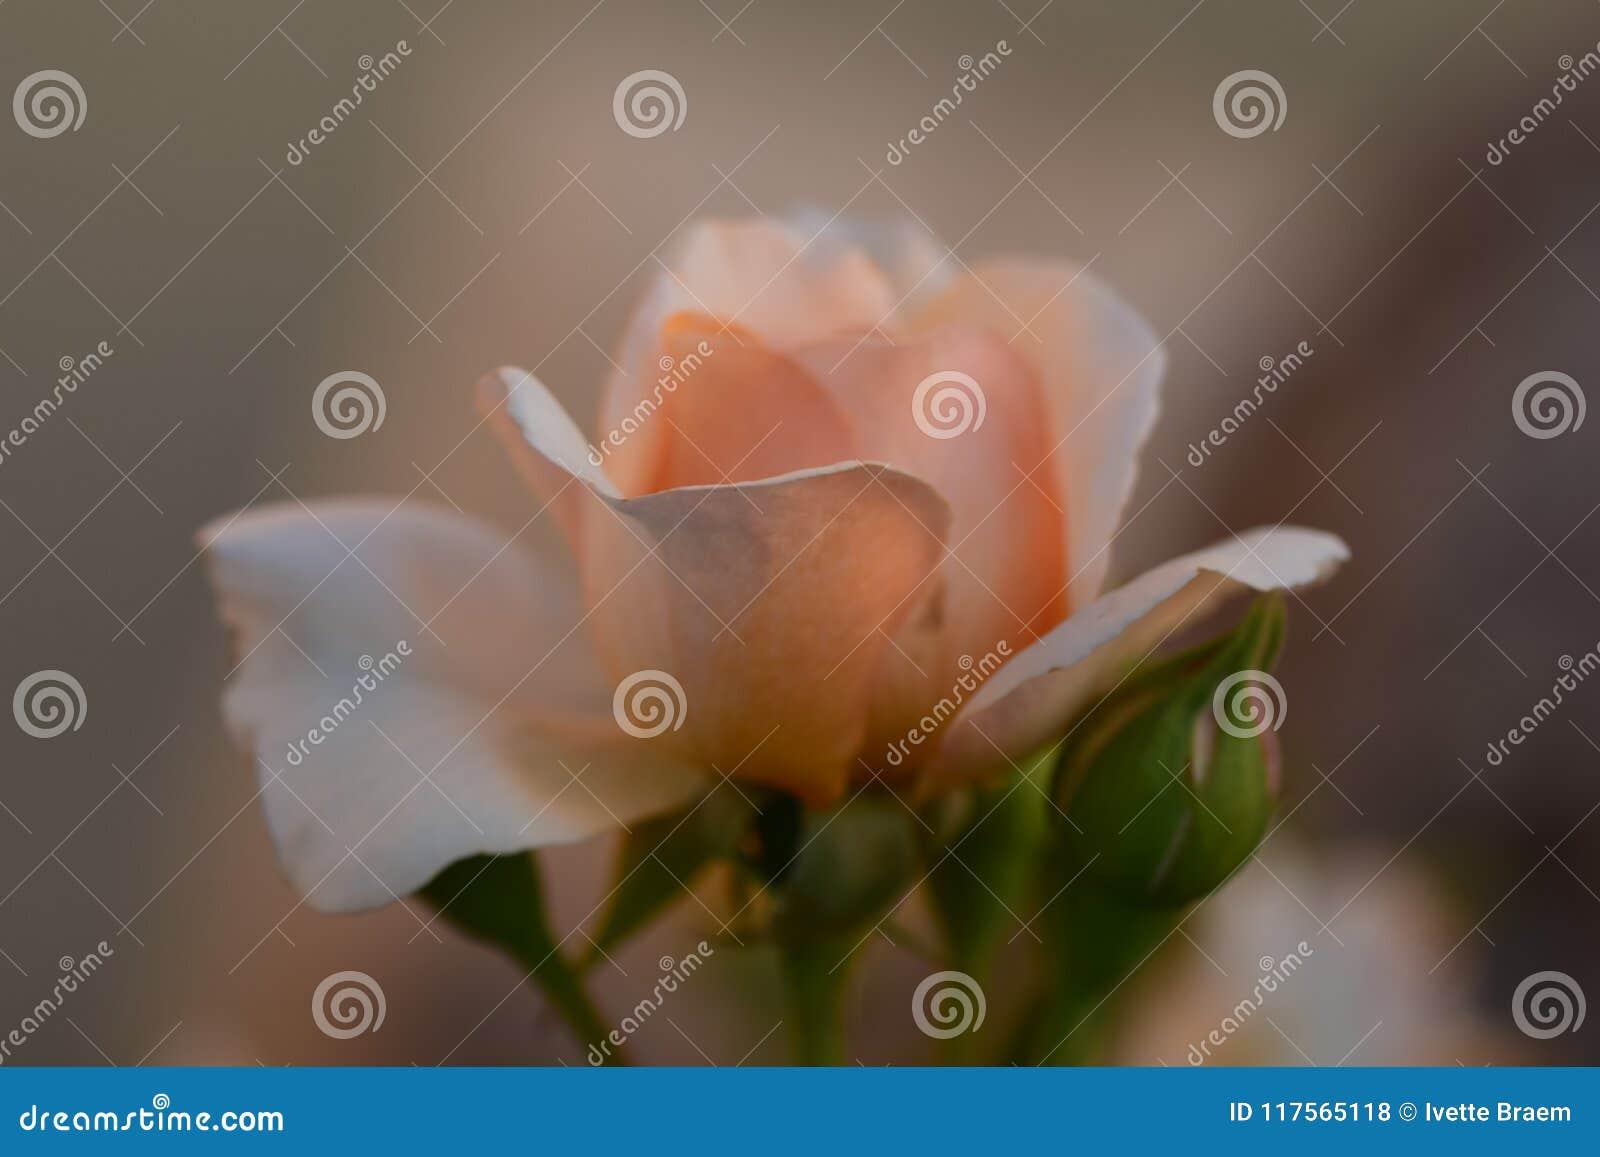 梦想的玫瑰被爱是爱